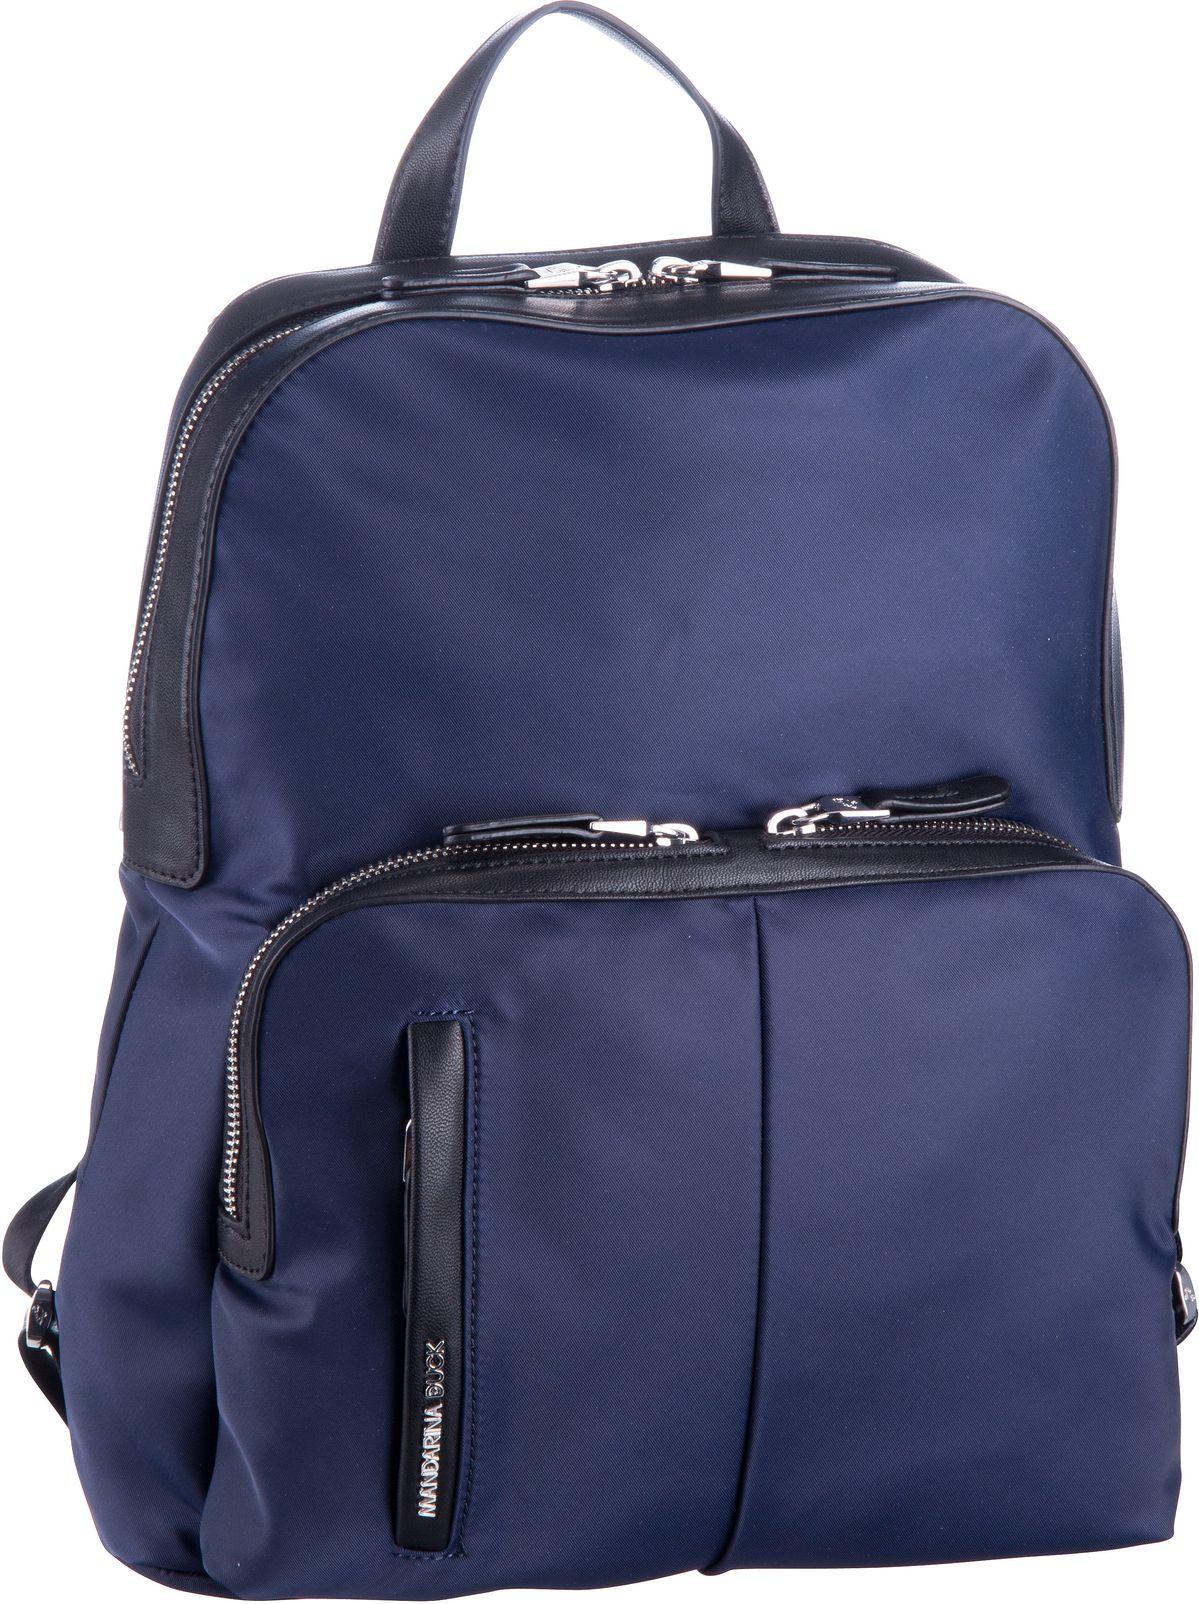 Rucksack / Daypack Hunter Backpack VCT09 Eclipse